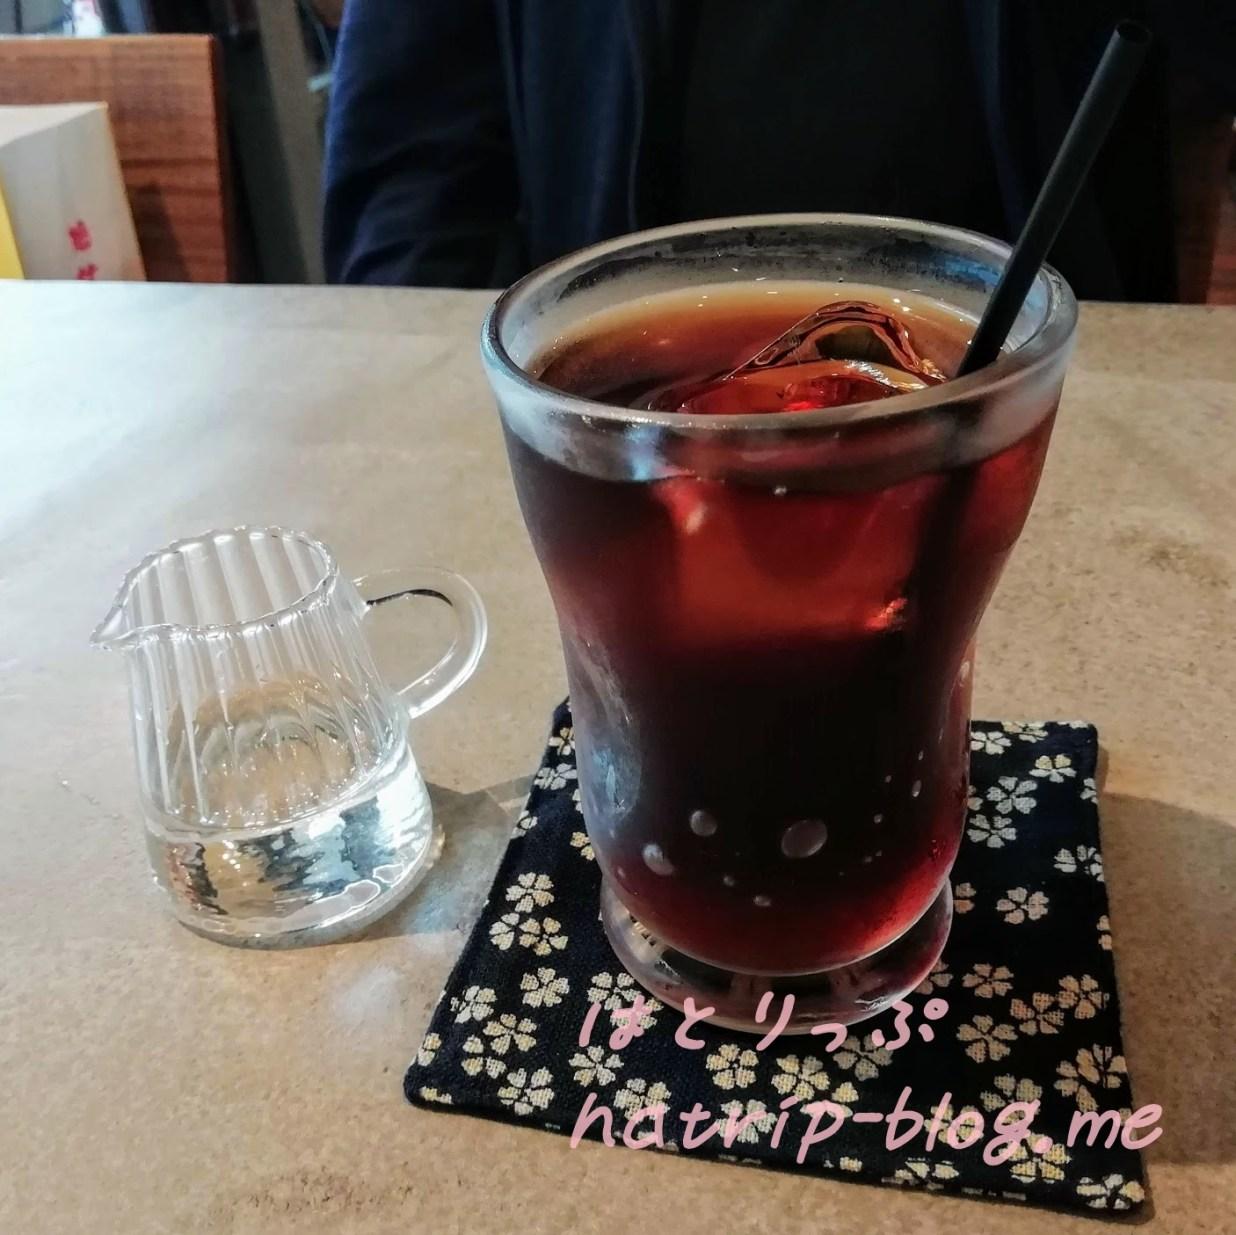 鎌倉 カフェレストラン 茶屋ひなた アイスティー